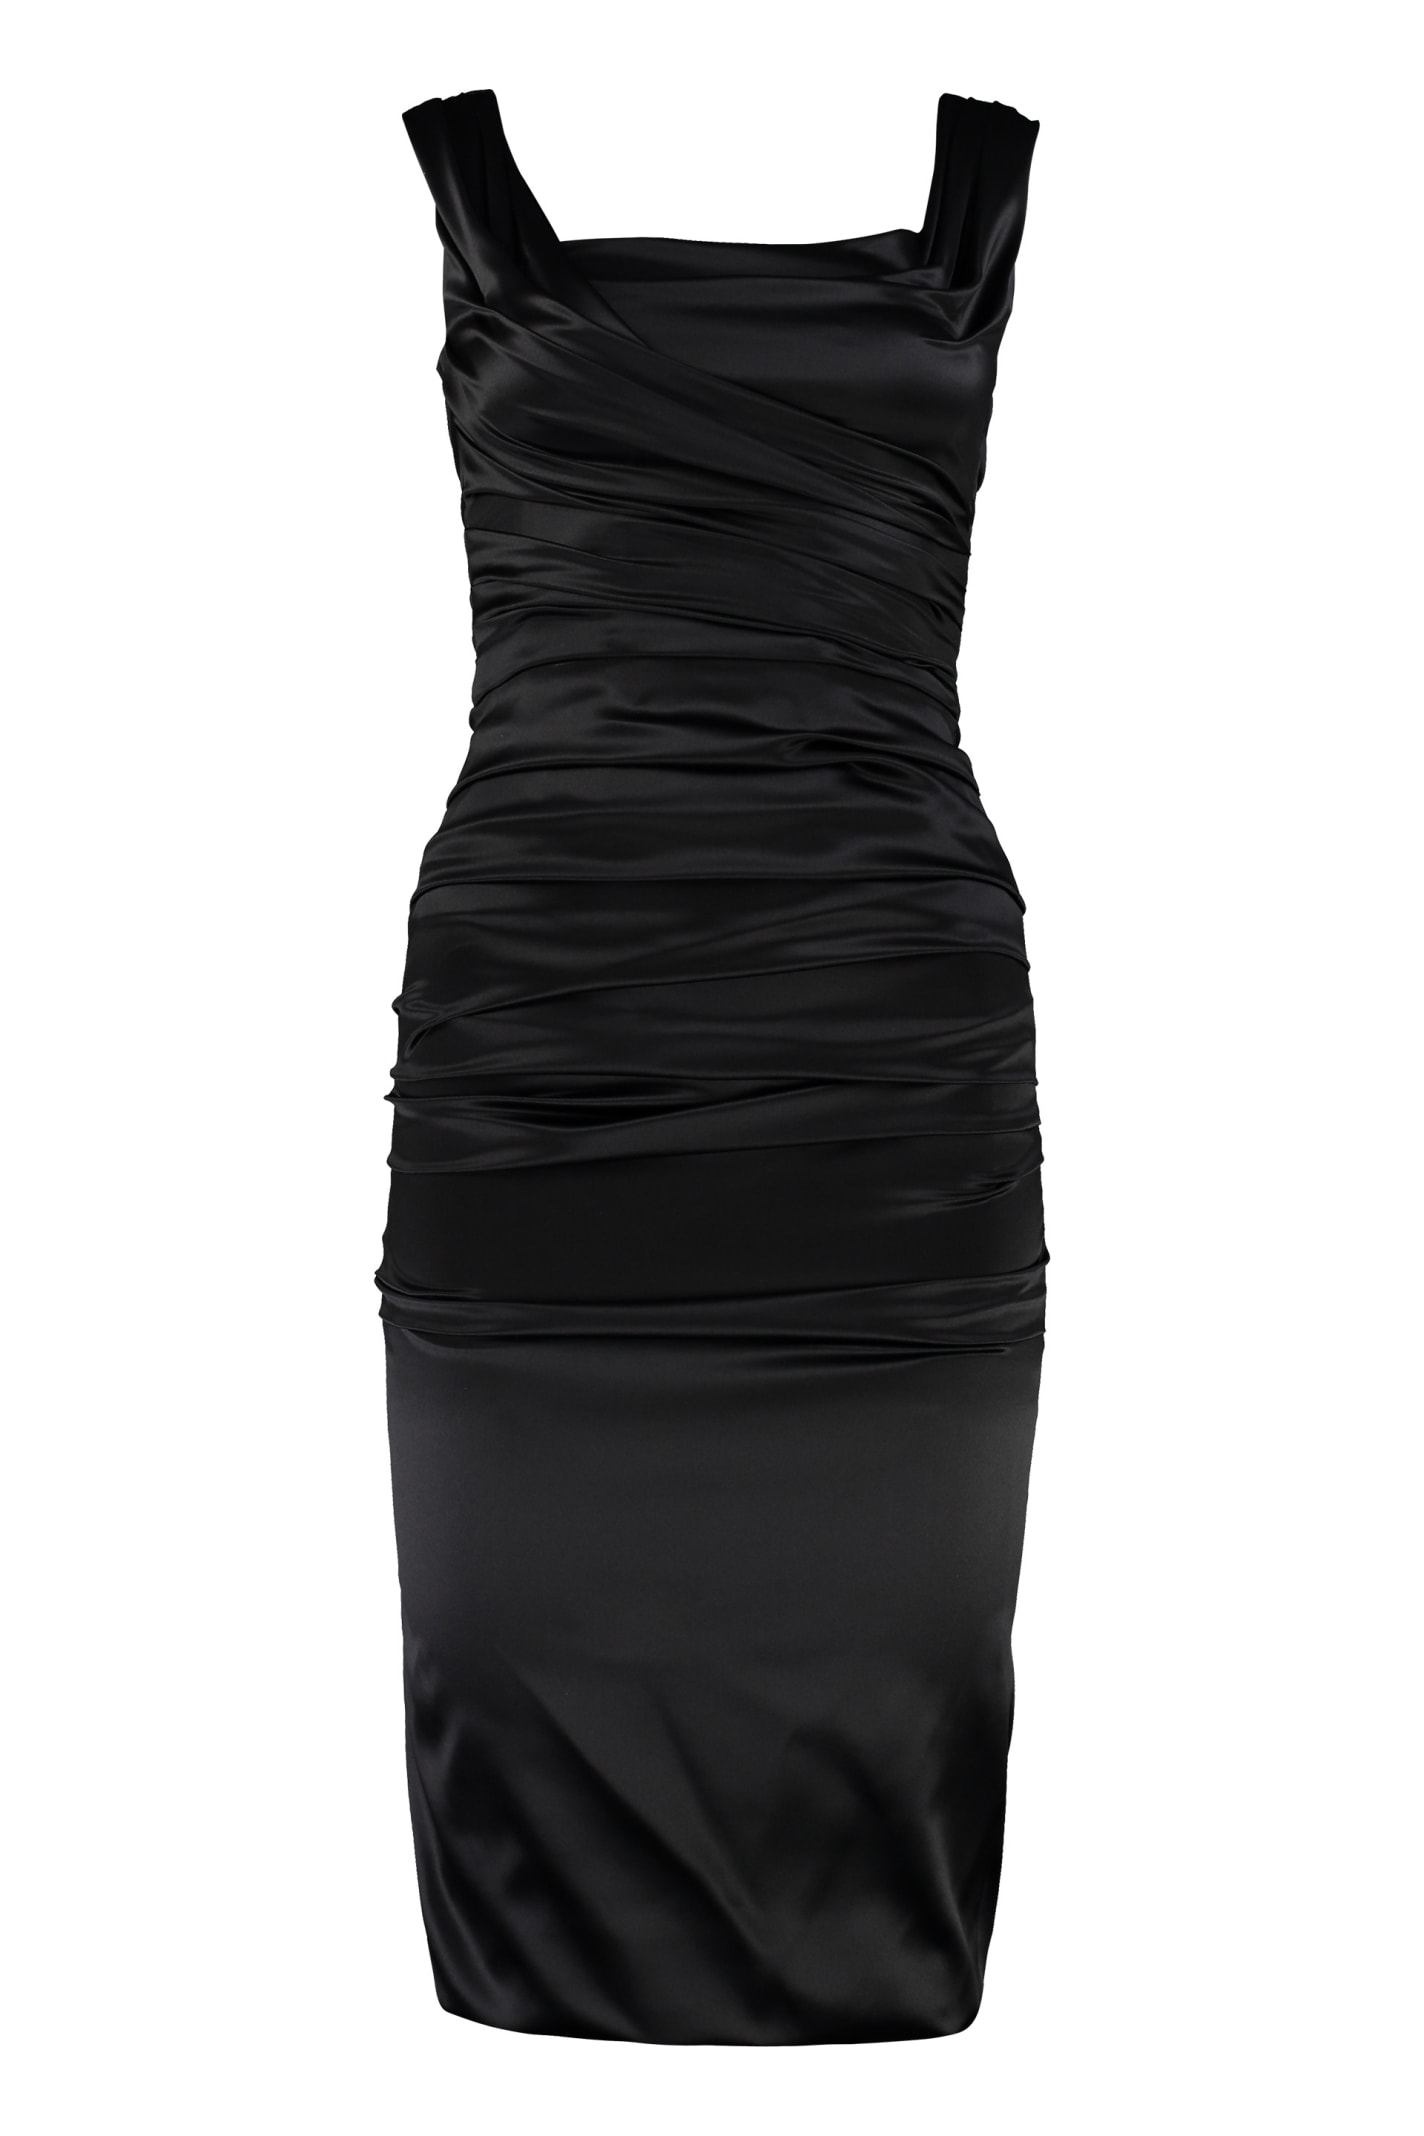 Dolce & Gabbana Draped Silk Satin Sheath-dress